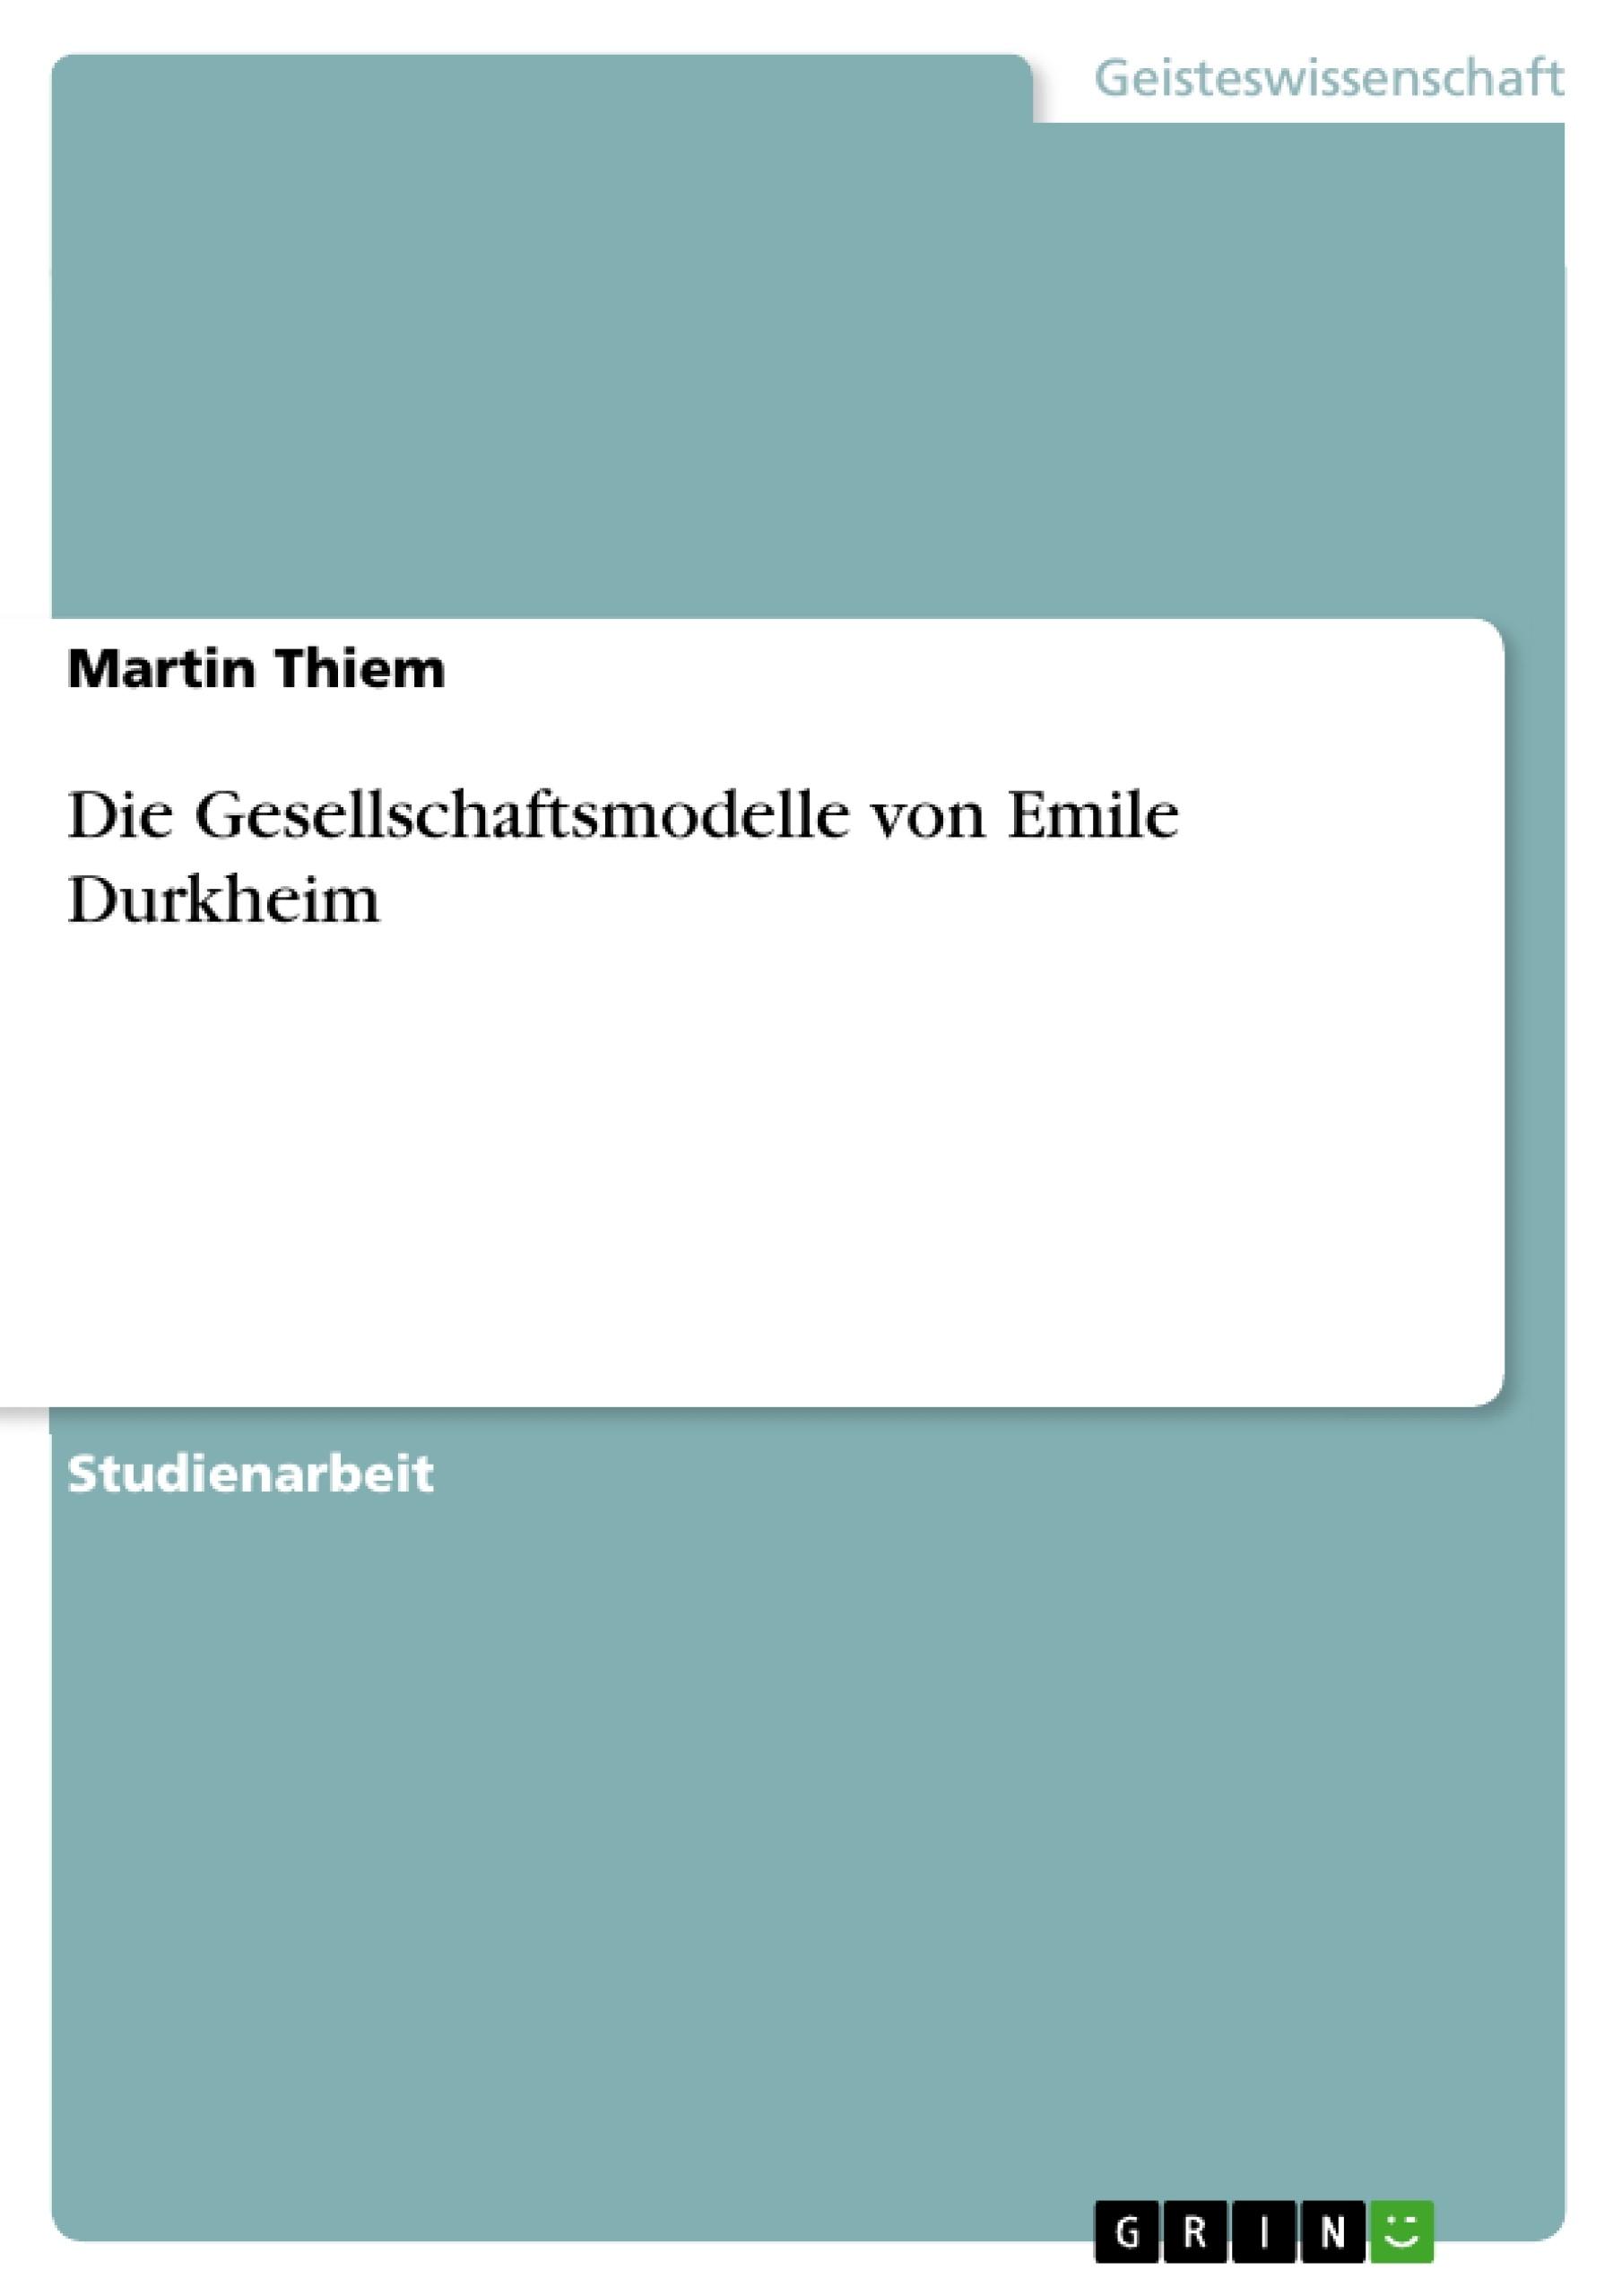 Titel: Die Gesellschaftsmodelle von Emile Durkheim